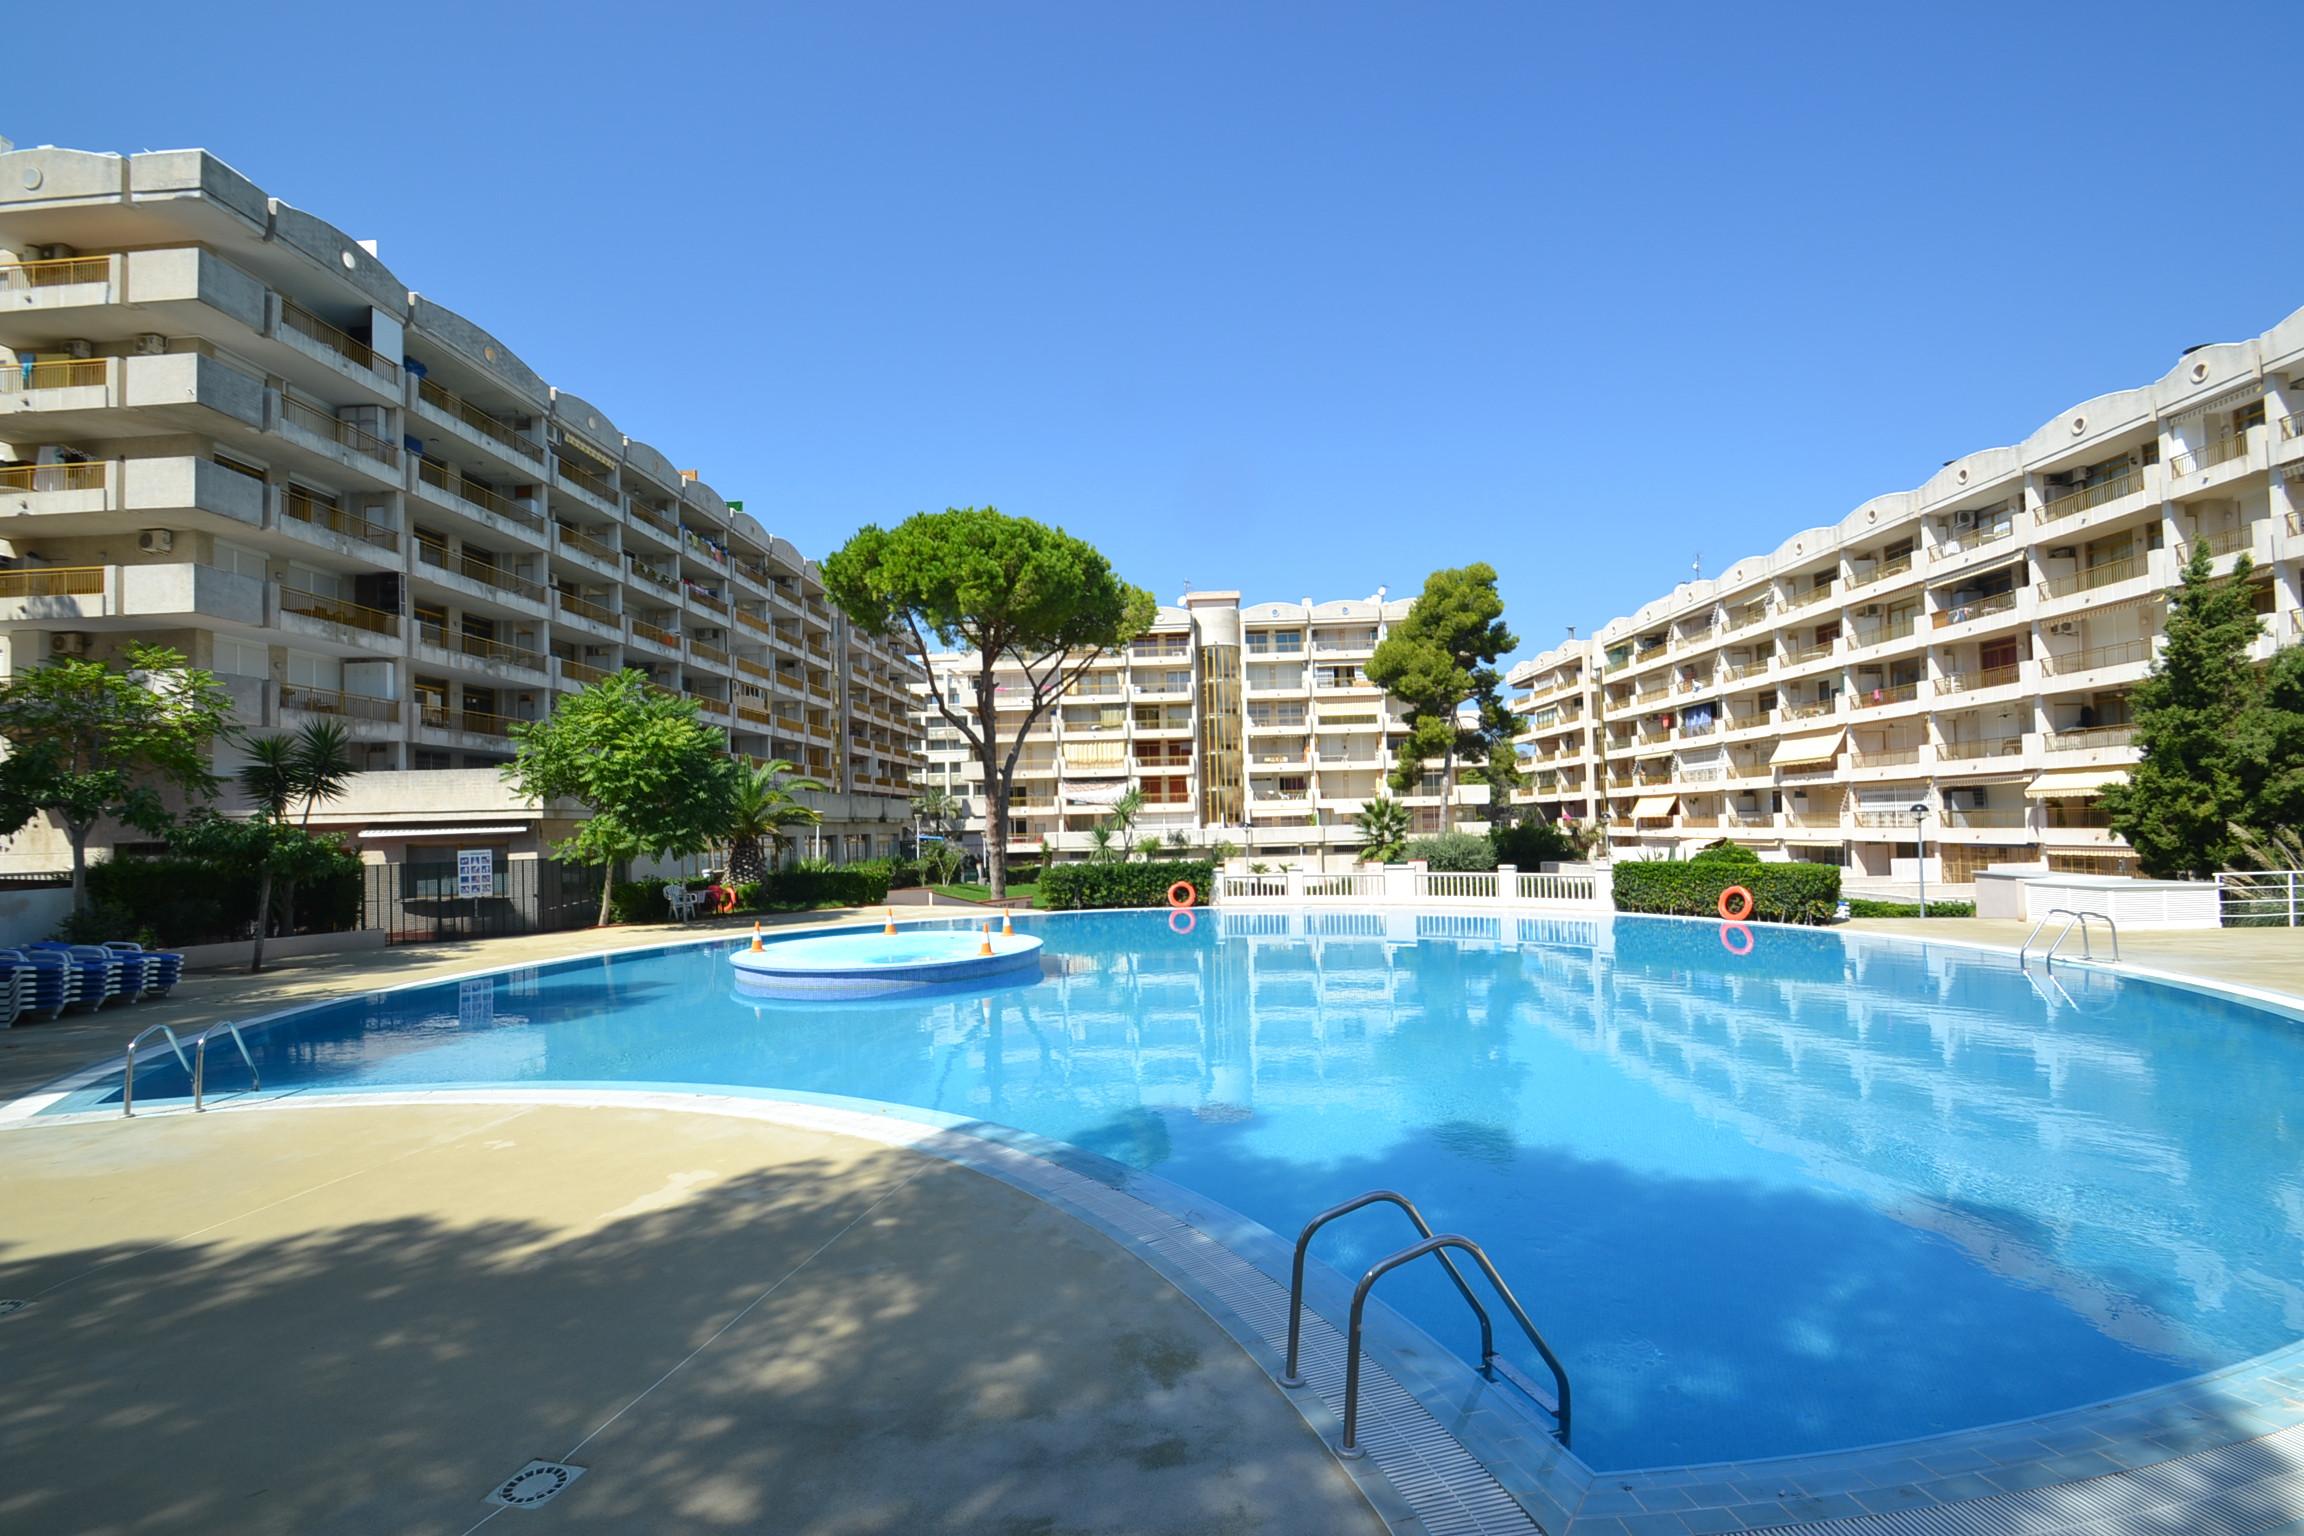 Apartamentos en salou catalunya 24 - Casas en salou ...